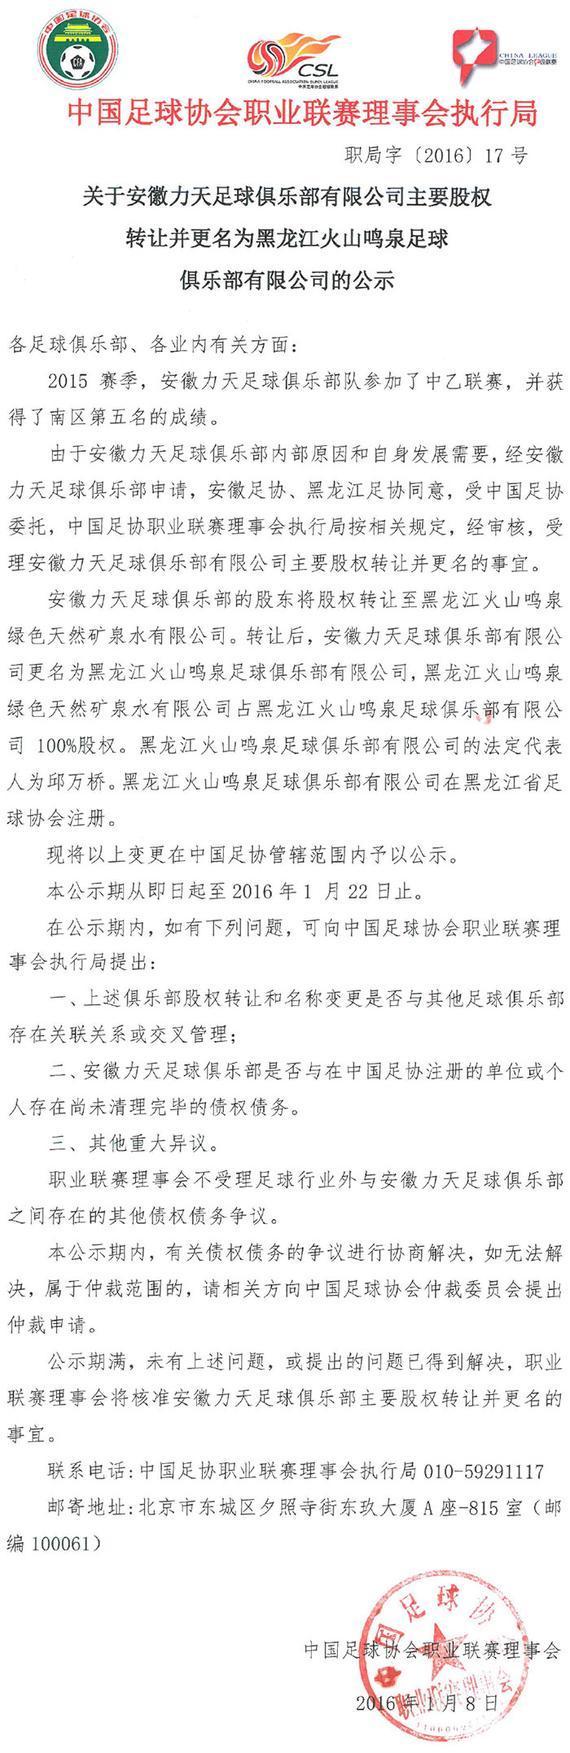 足协公示中乙安徽力天正式更名黑龙江火山鸣泉